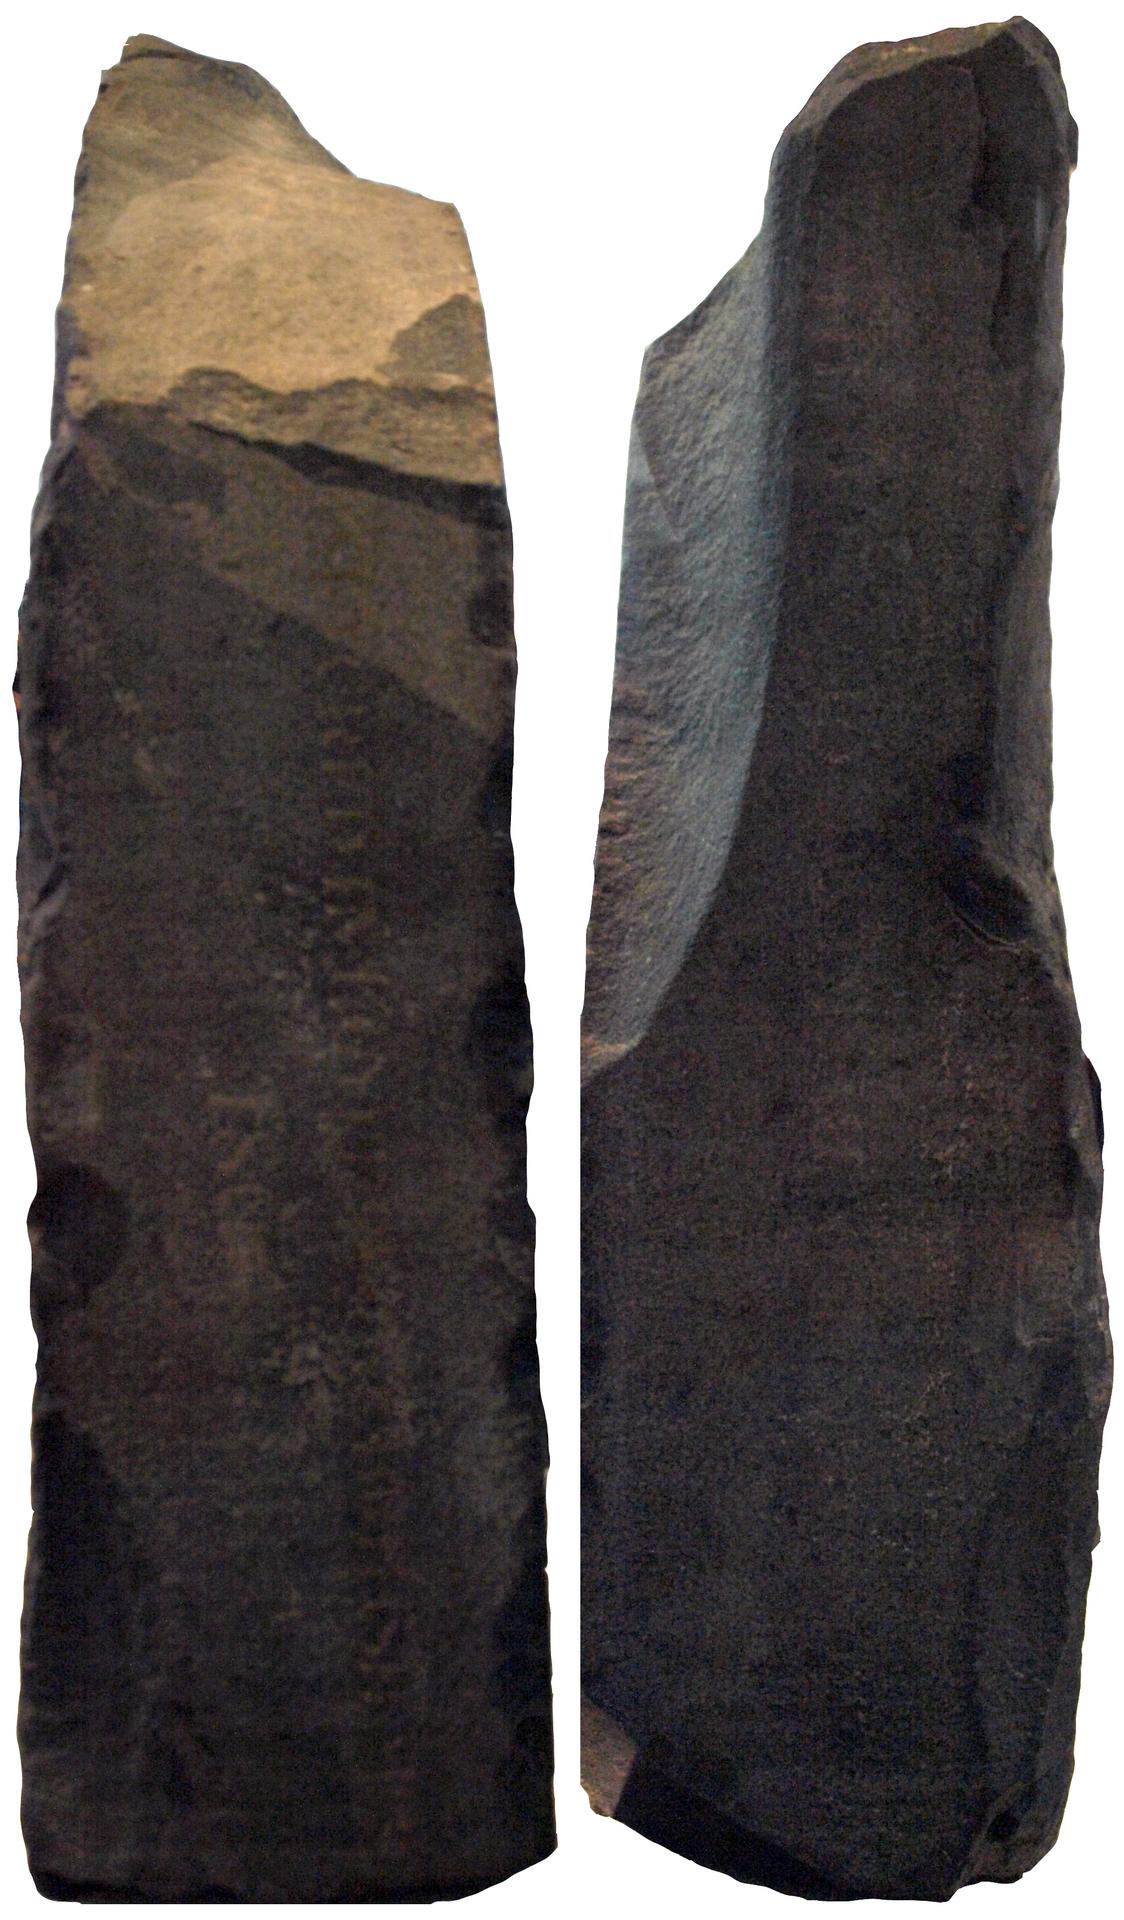 RosettaStone-LeftAndRightSides-BritishMuseum-August21-08.jpg